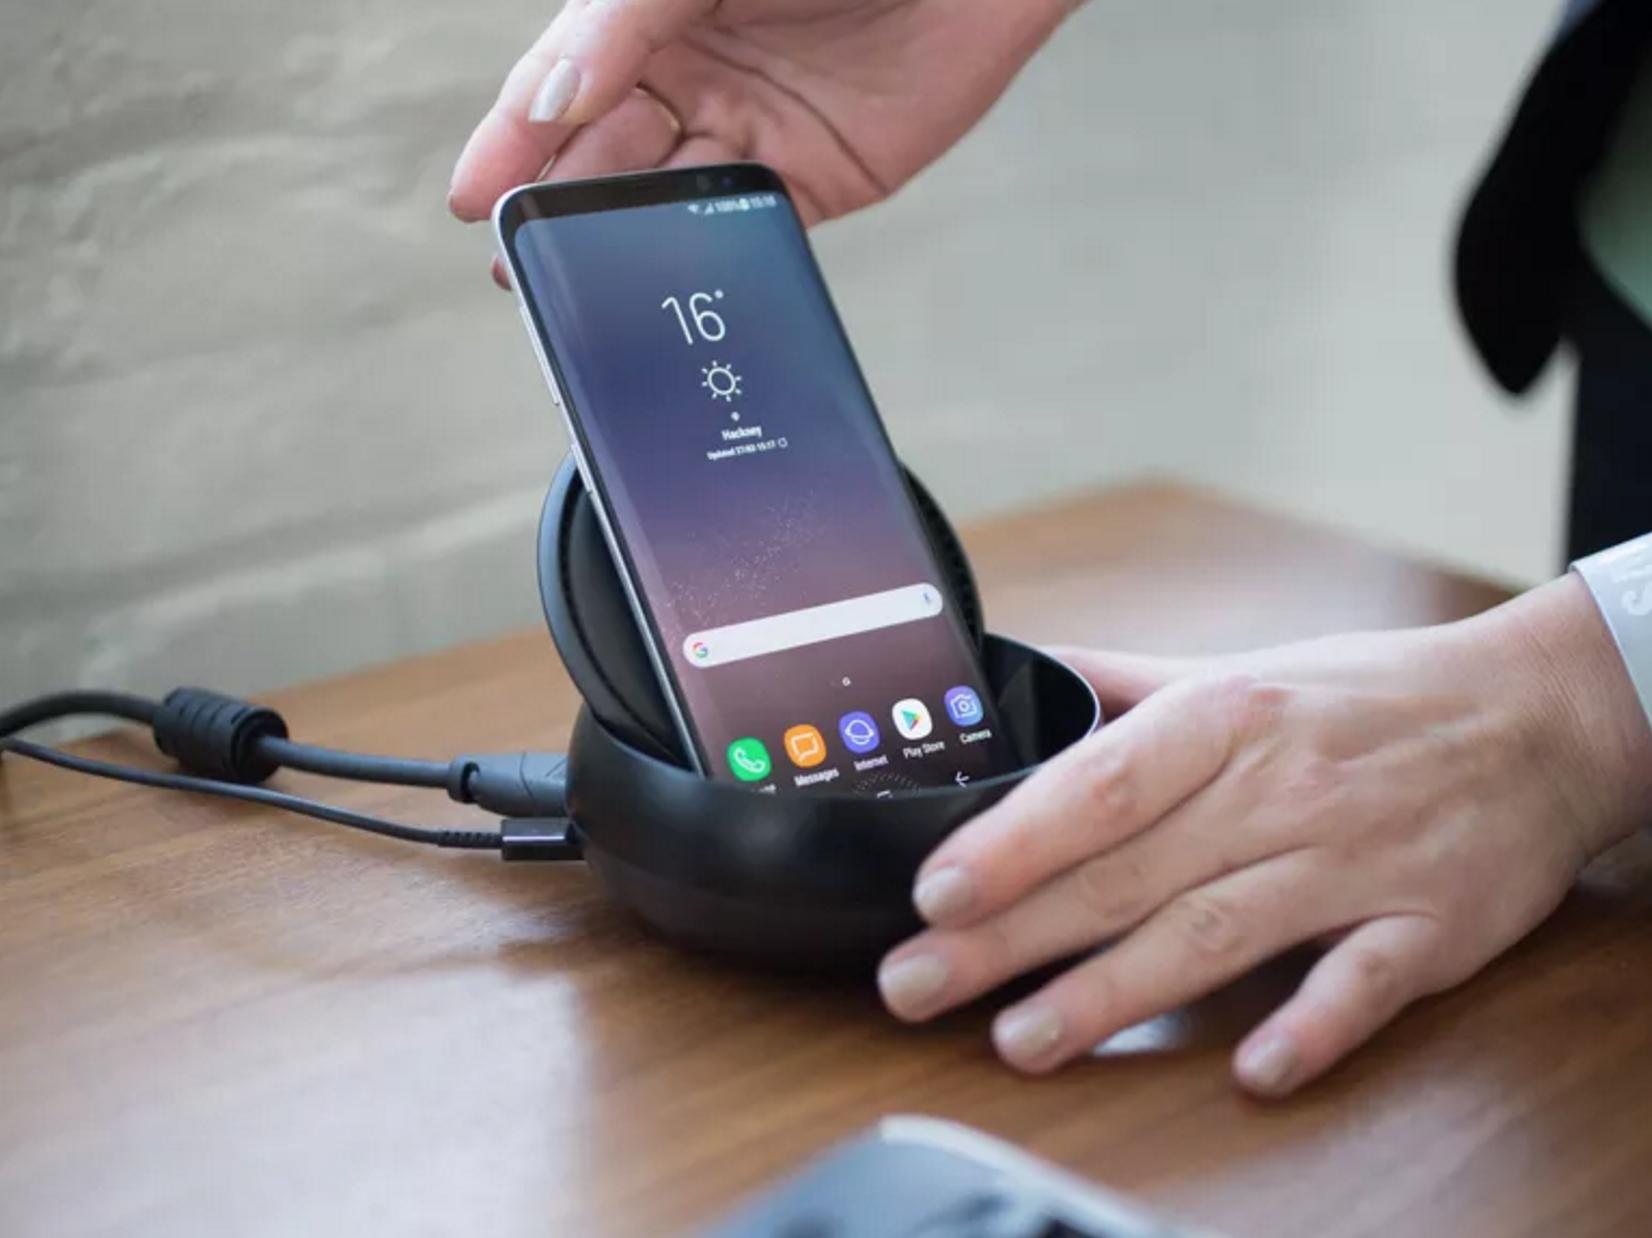 По стопам презентации Galaxy S8. Илья Казаков делится впечатлениями от увиденного